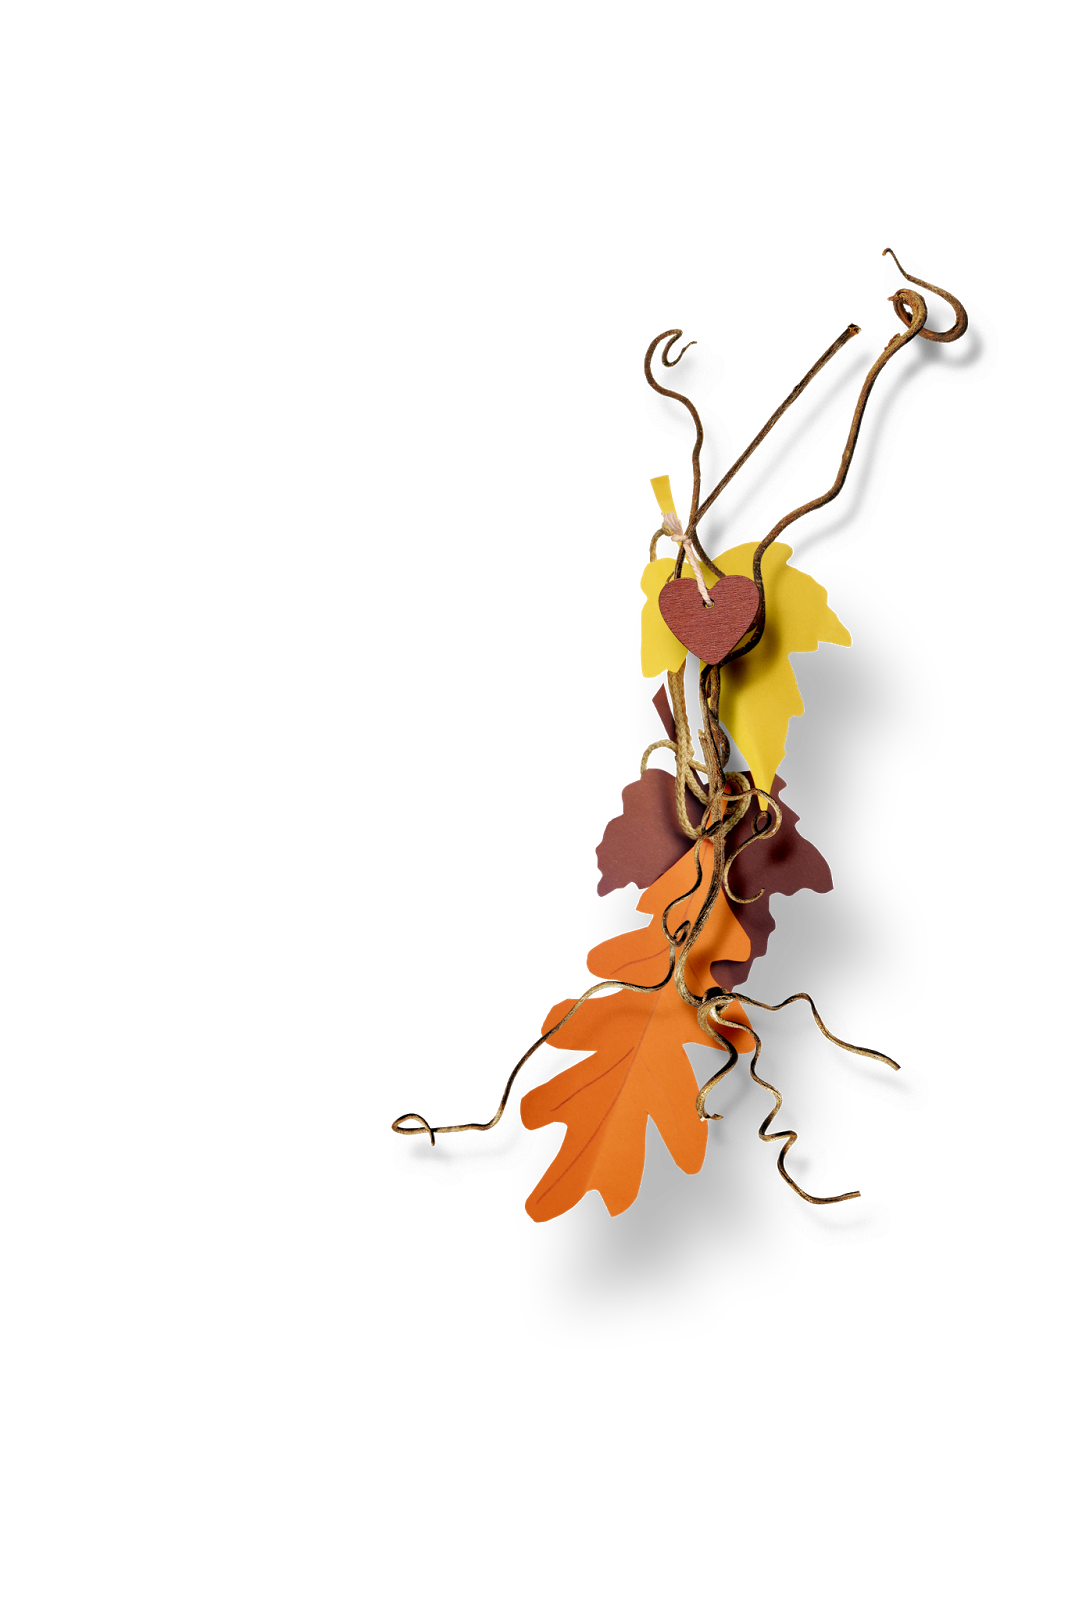 png, otoño, imagen, fondo, transparente, powerpoint, photoshop, photoscape, buho, hojas, arbol, esquinas, plantillas, fondos